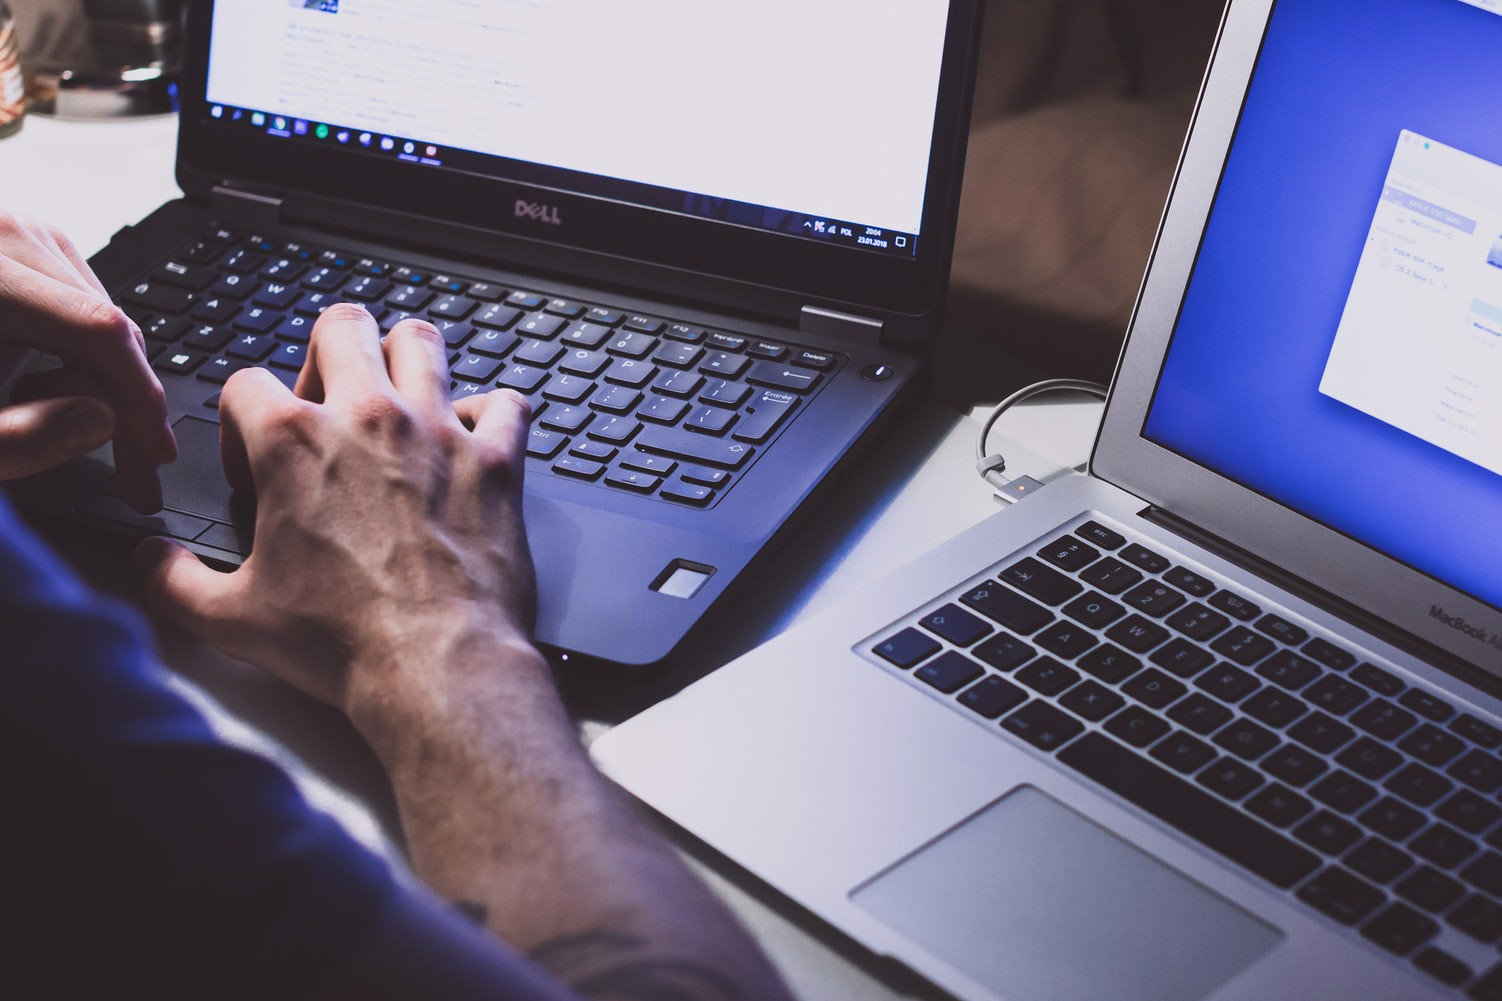 Windows-Nutzer aufgepasst: Hacker haben via Internet Explorer Zugang zum PC